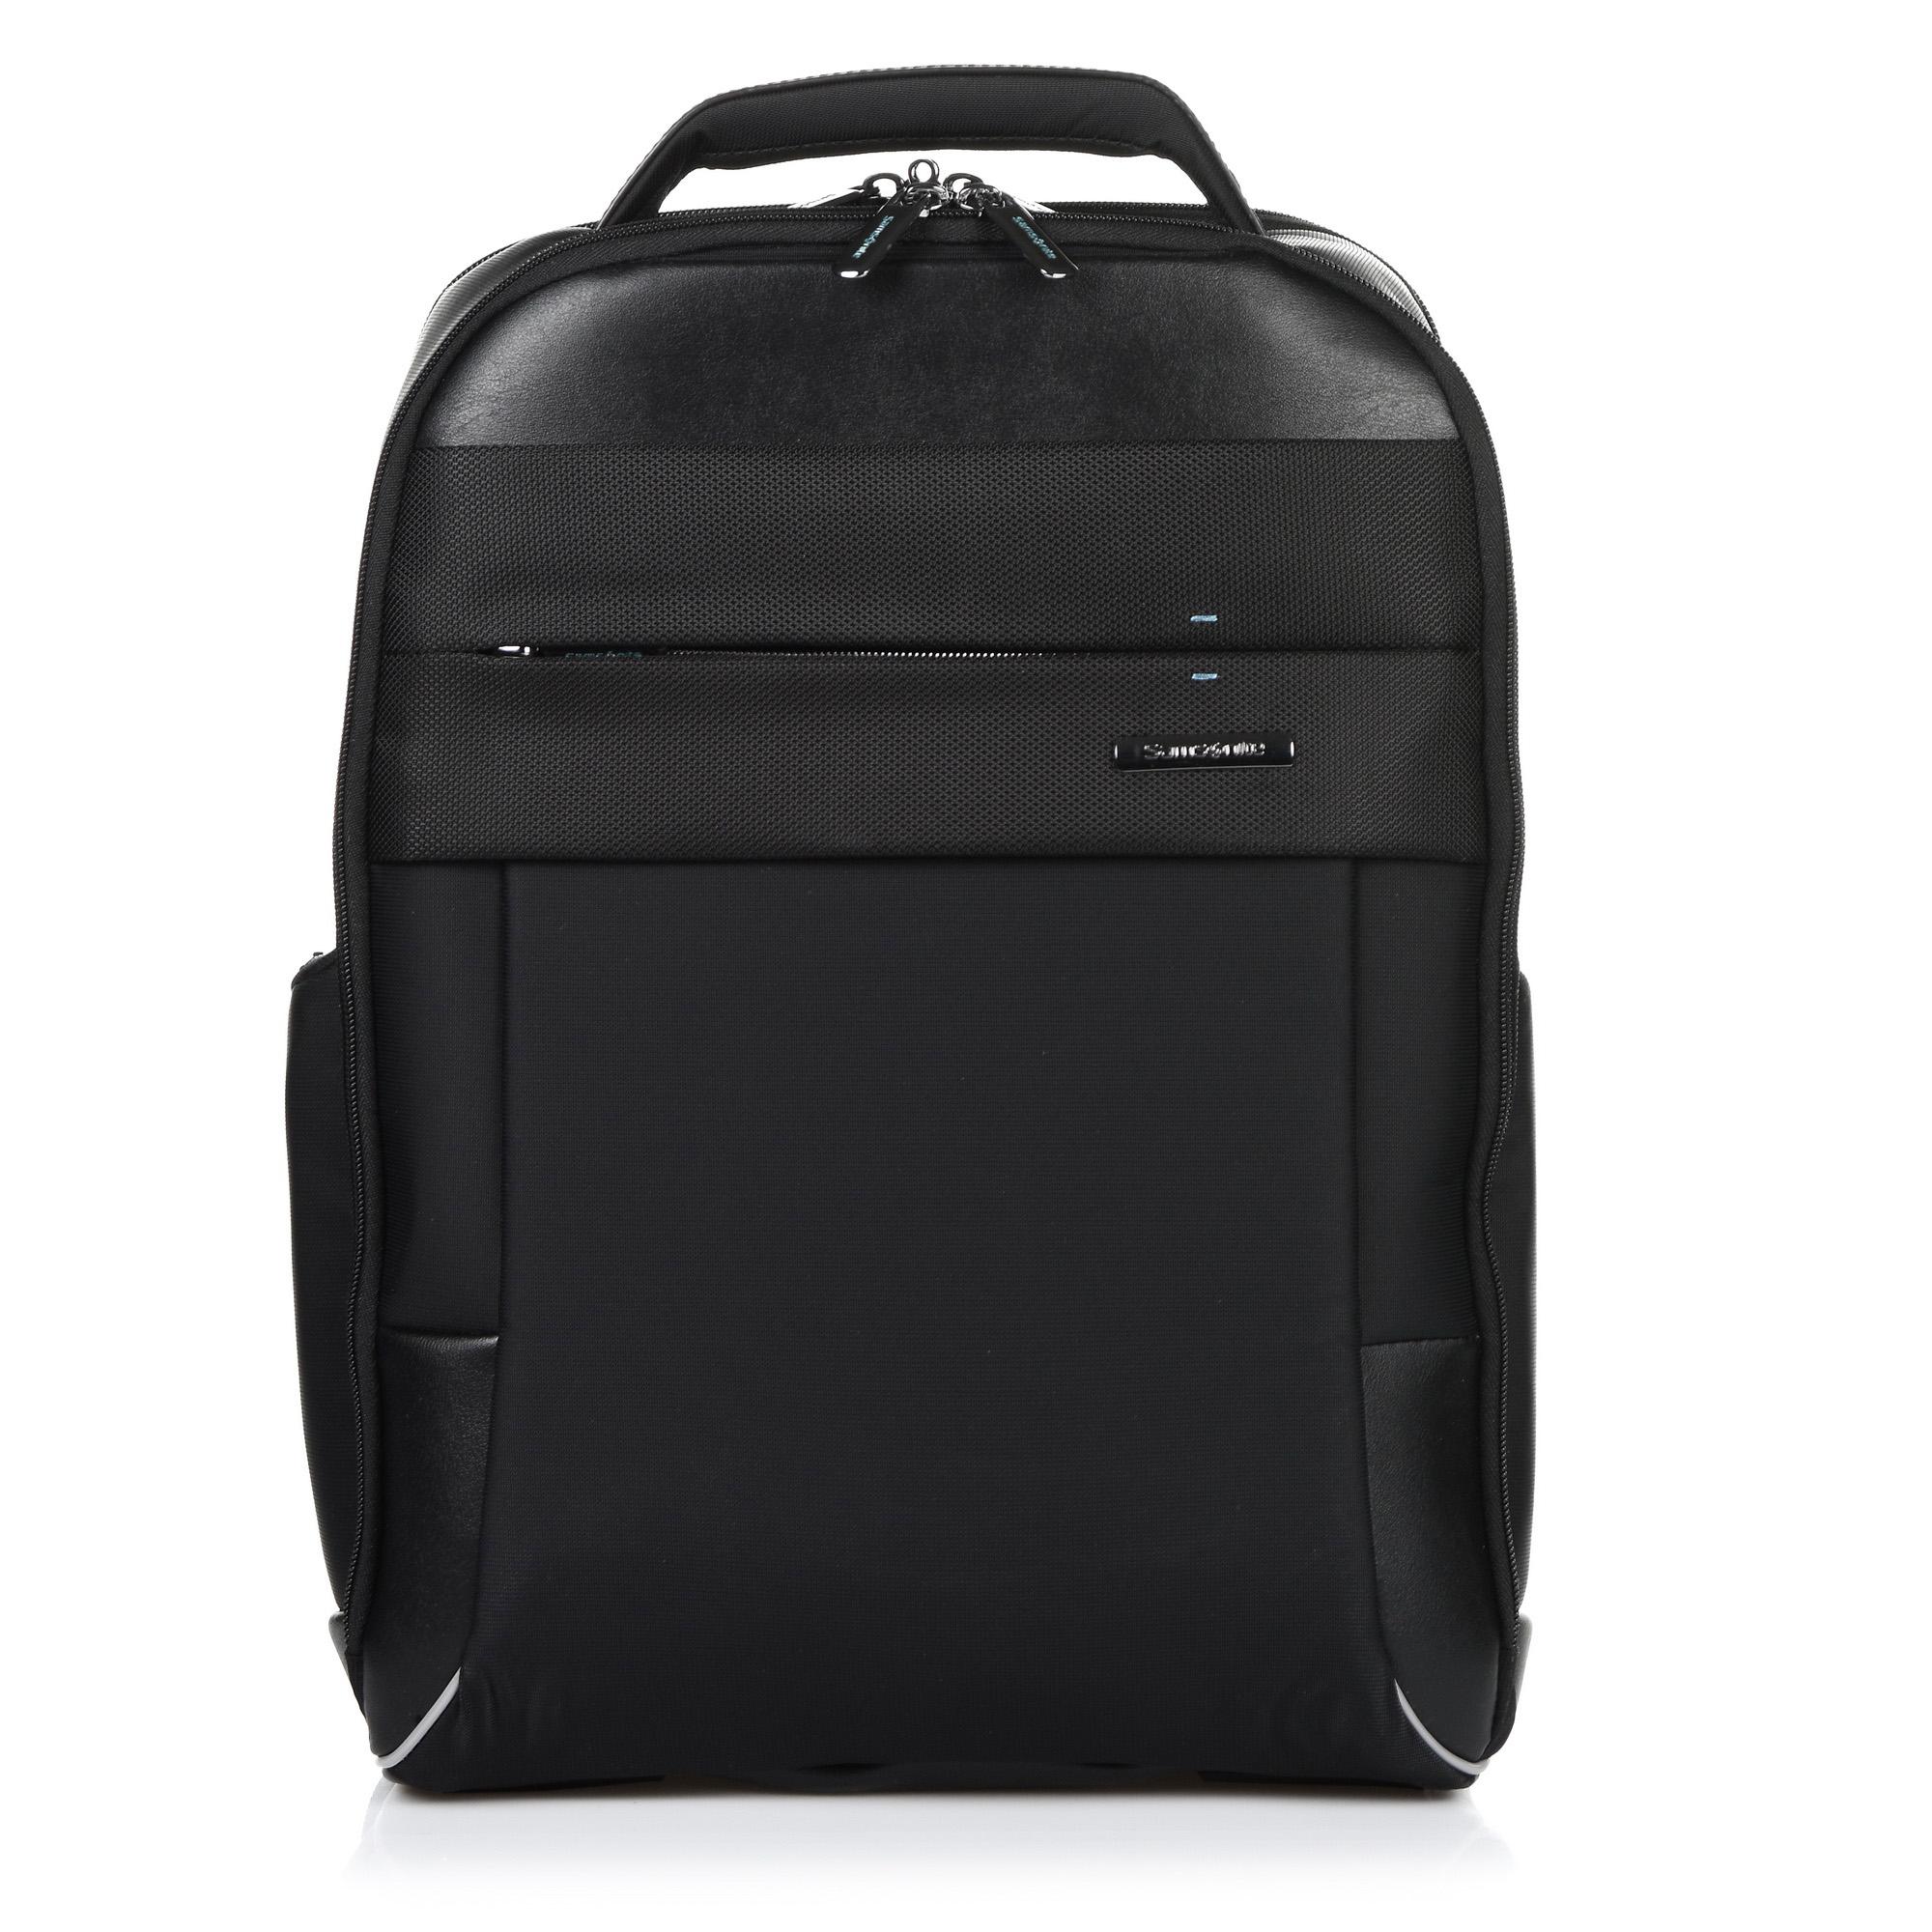 """Σακίδιο Πλάτης Samsonite Spectrolite 2.0 Laptop Backpack 14.1"""" 103574 επαγγελματικα   σακίδιο πλάτης"""